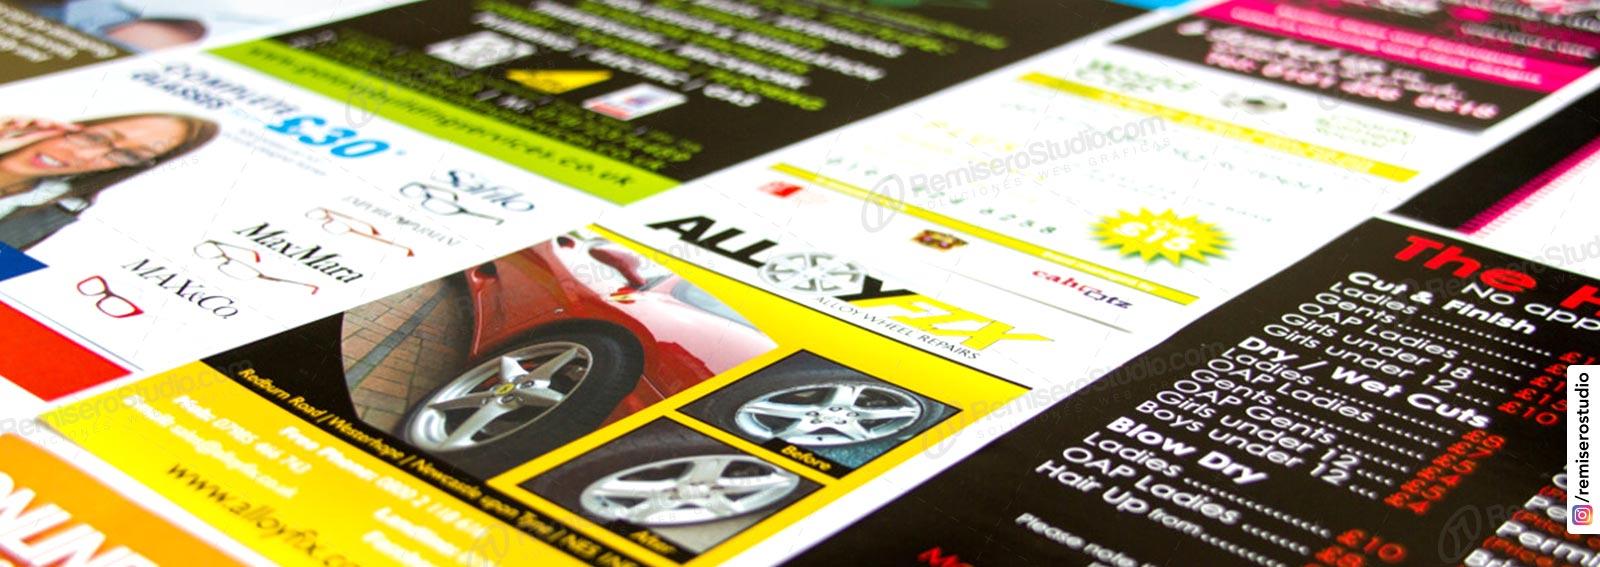 Impresión de volantes publicitarios a full color, folletos, flyers en Lima Perú.